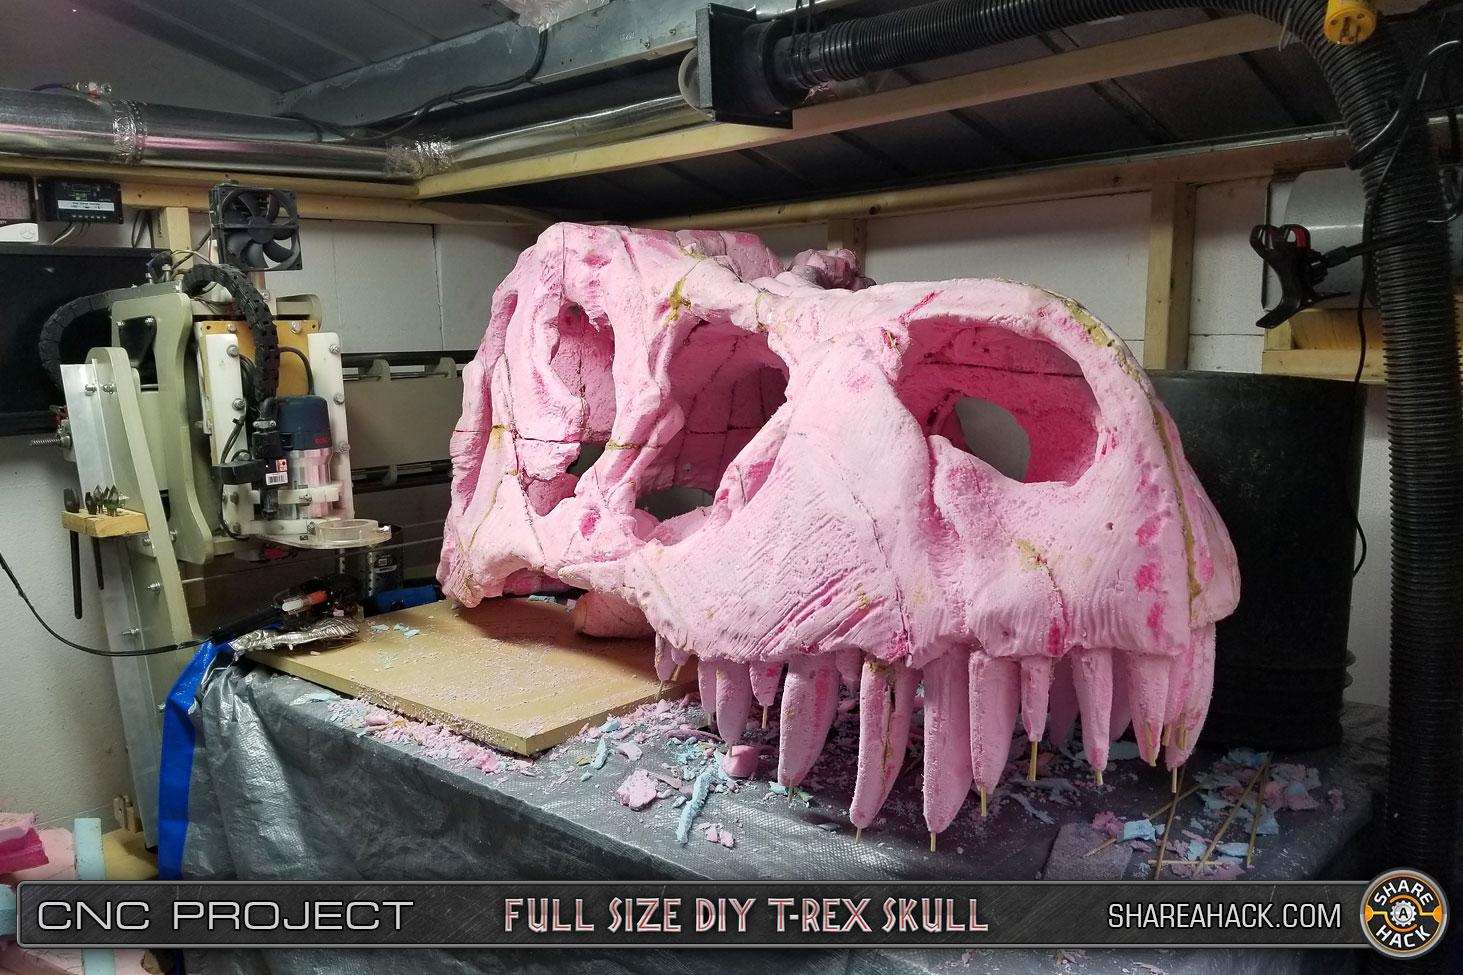 shareahack_diy-trex-skull-cnc-foam_3dmodel_14.jpg